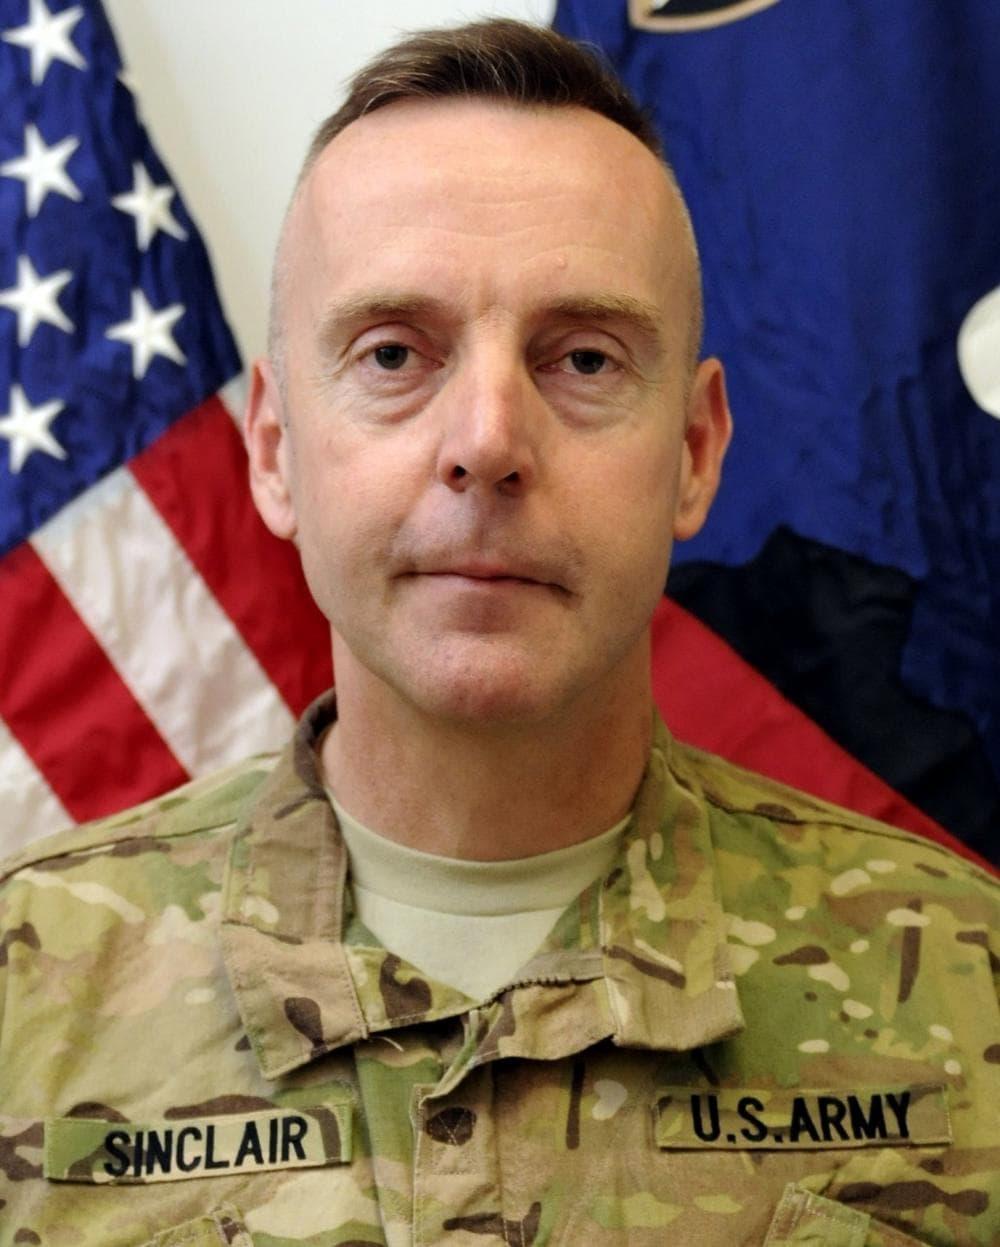 Brig. Gen. Jeffrey A. Sinclair. (U.S. Army)